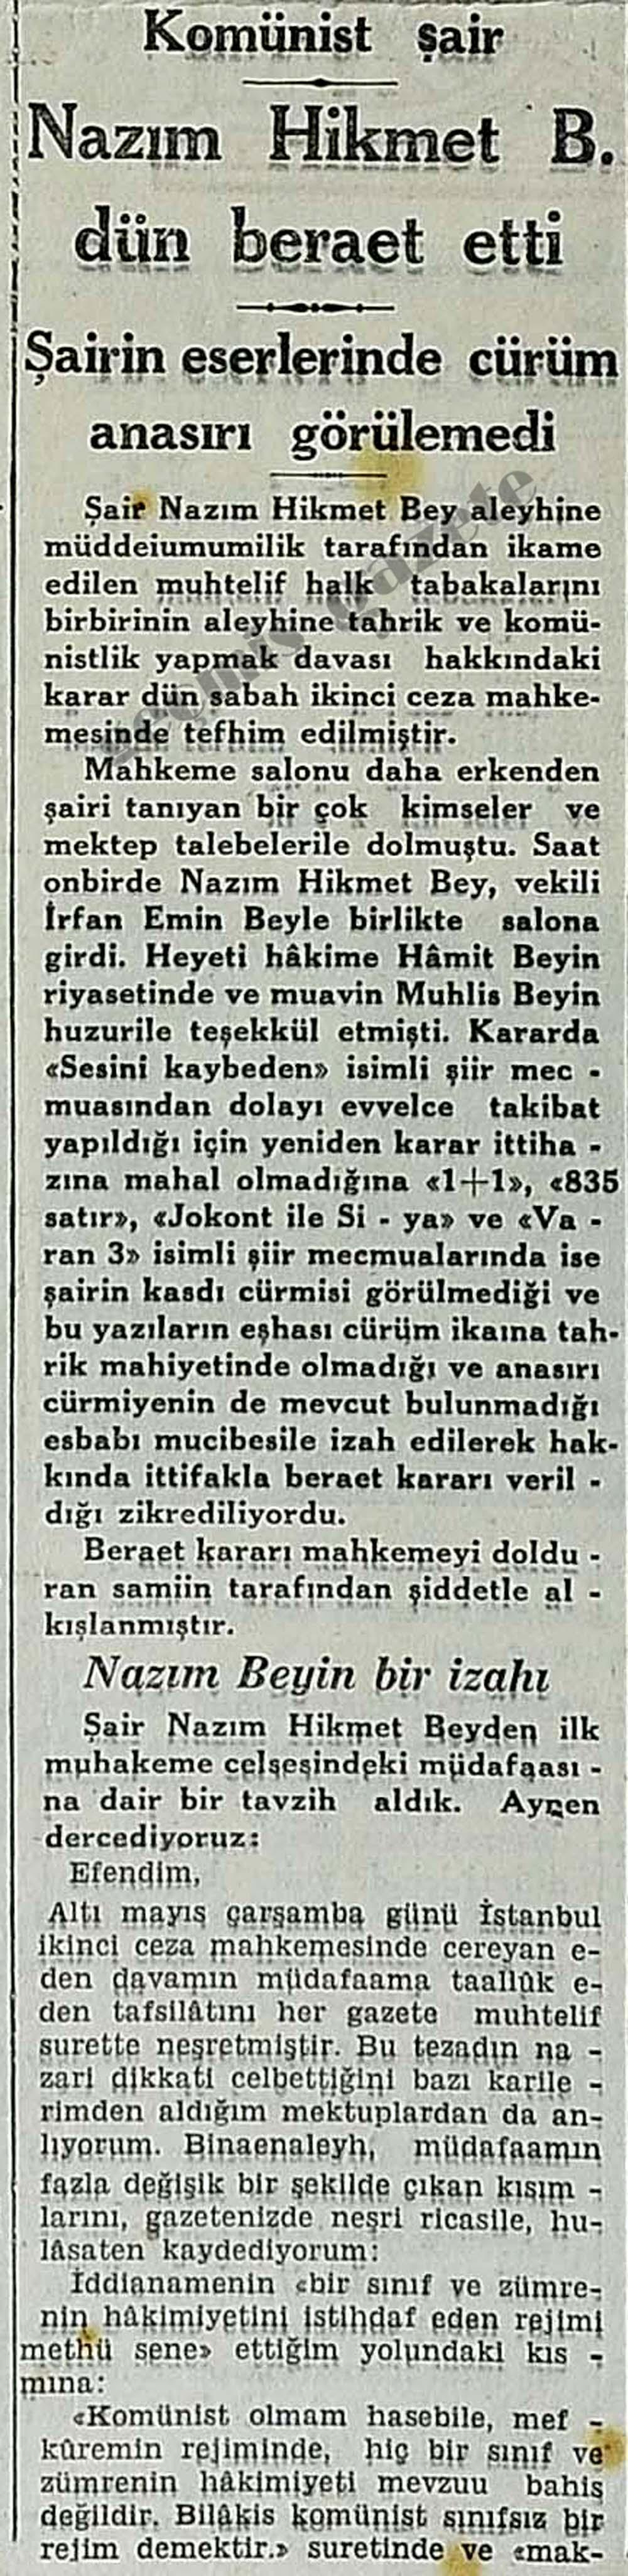 Komünist şair Nazım Hikmet B. dün beraet etti